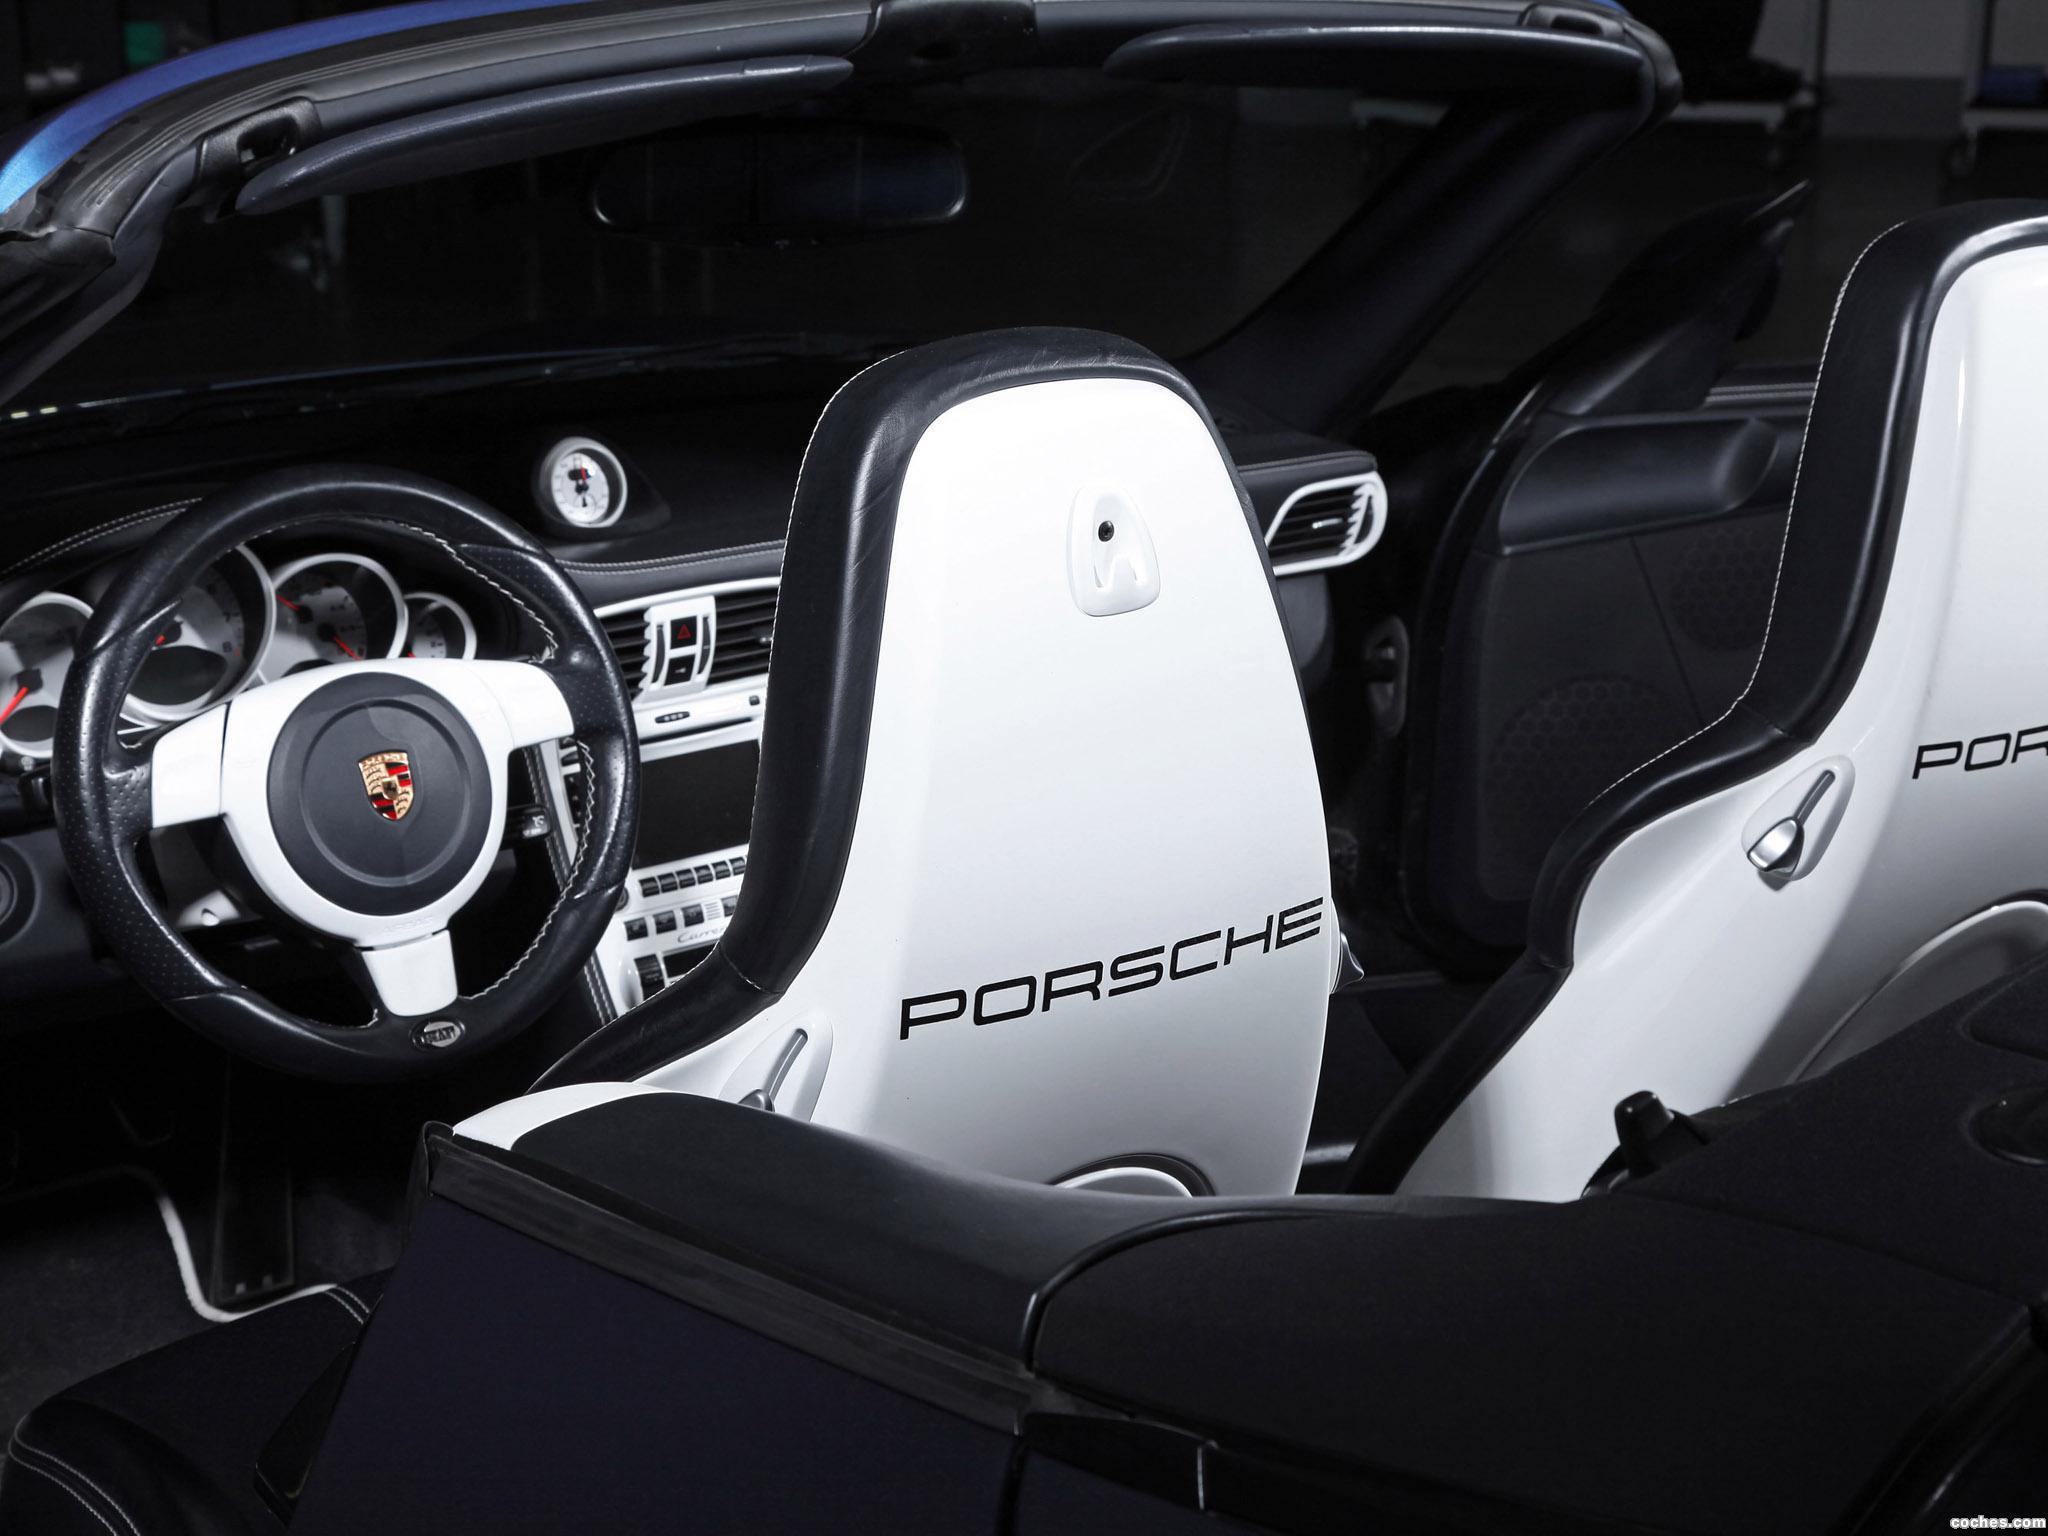 Foto 8 de Porsche Cam Shaft 911 Carrera S Cabriolet 997 2014